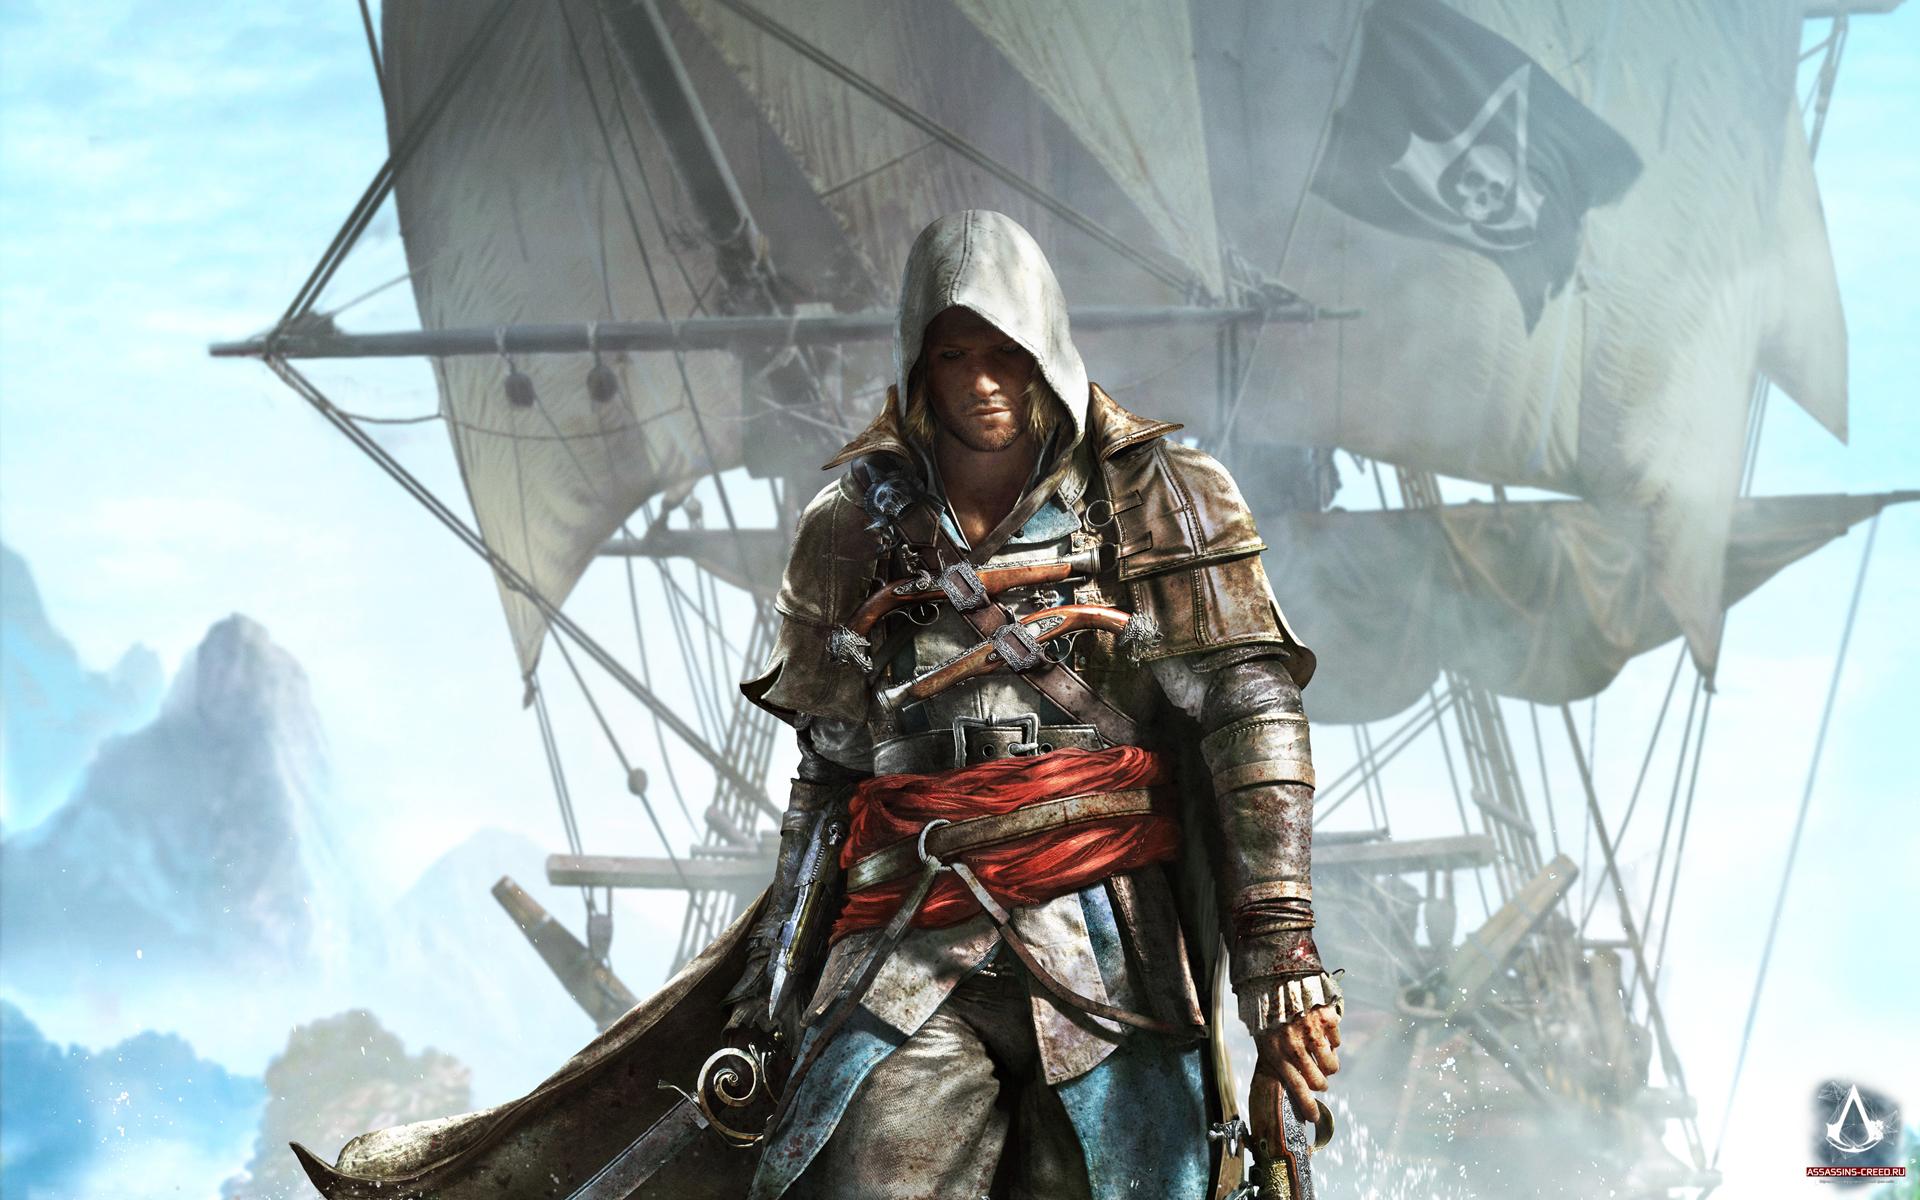 O game Assassin's Creed mescla uma ficu00e7u00e3o sobre eventos importantes da histu00f3ria e ju00e1 teve cinco games publicados.